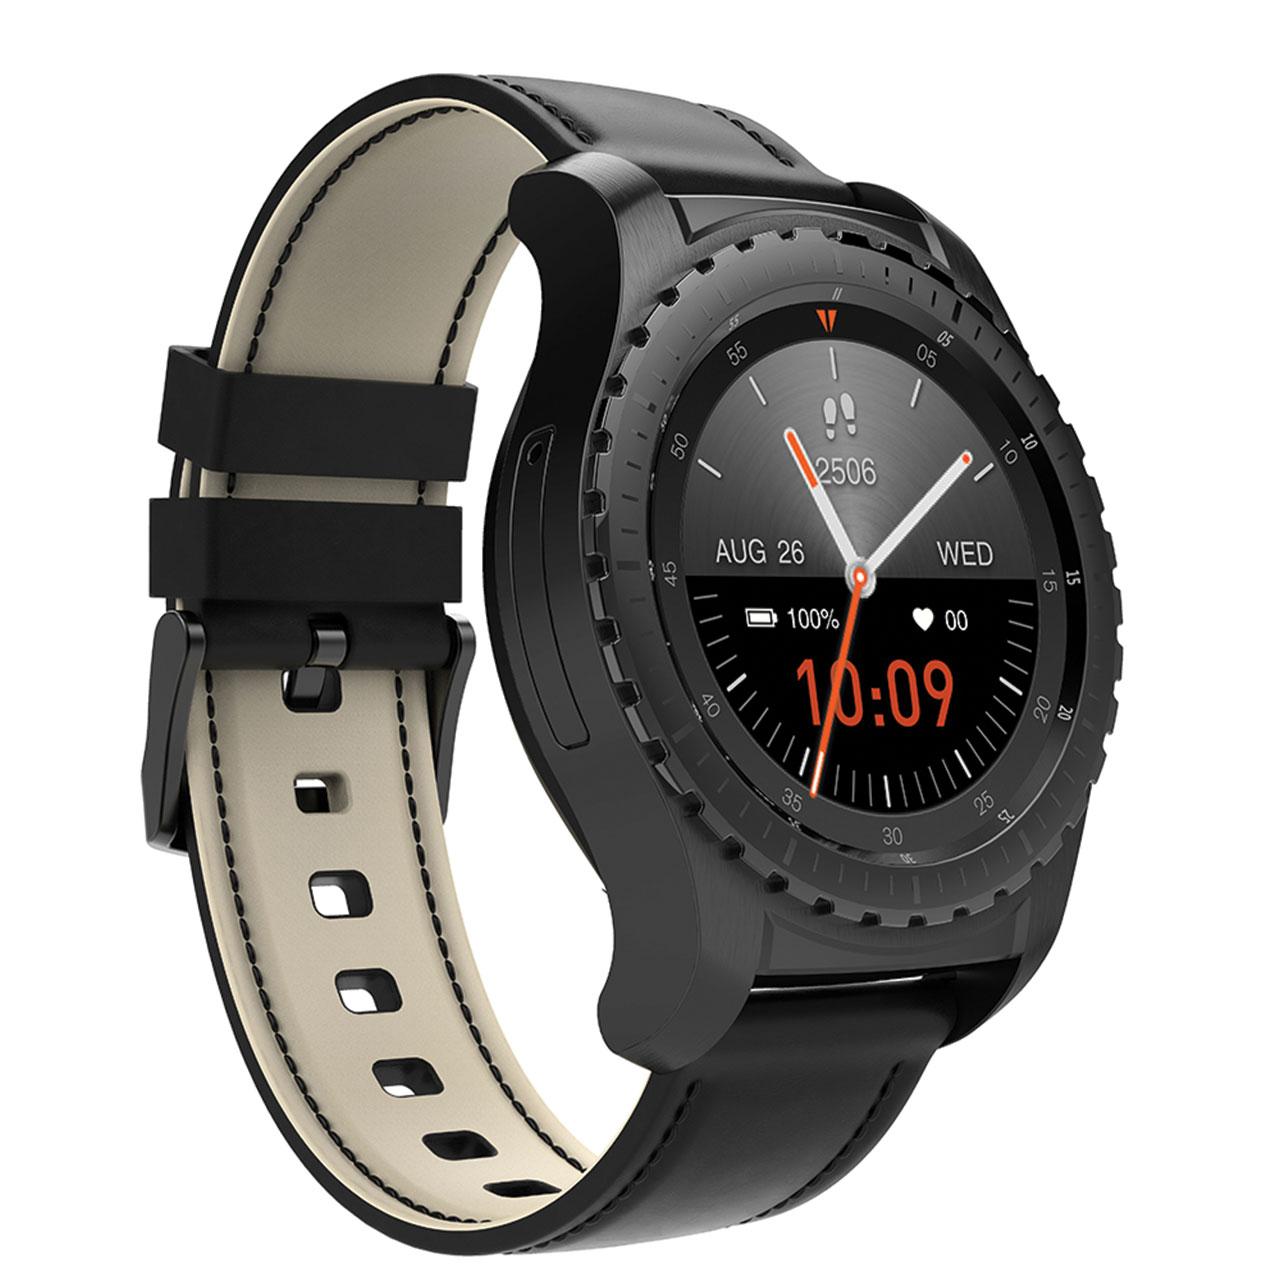 ساعت هوشمند کینگ ویر مدل KW28